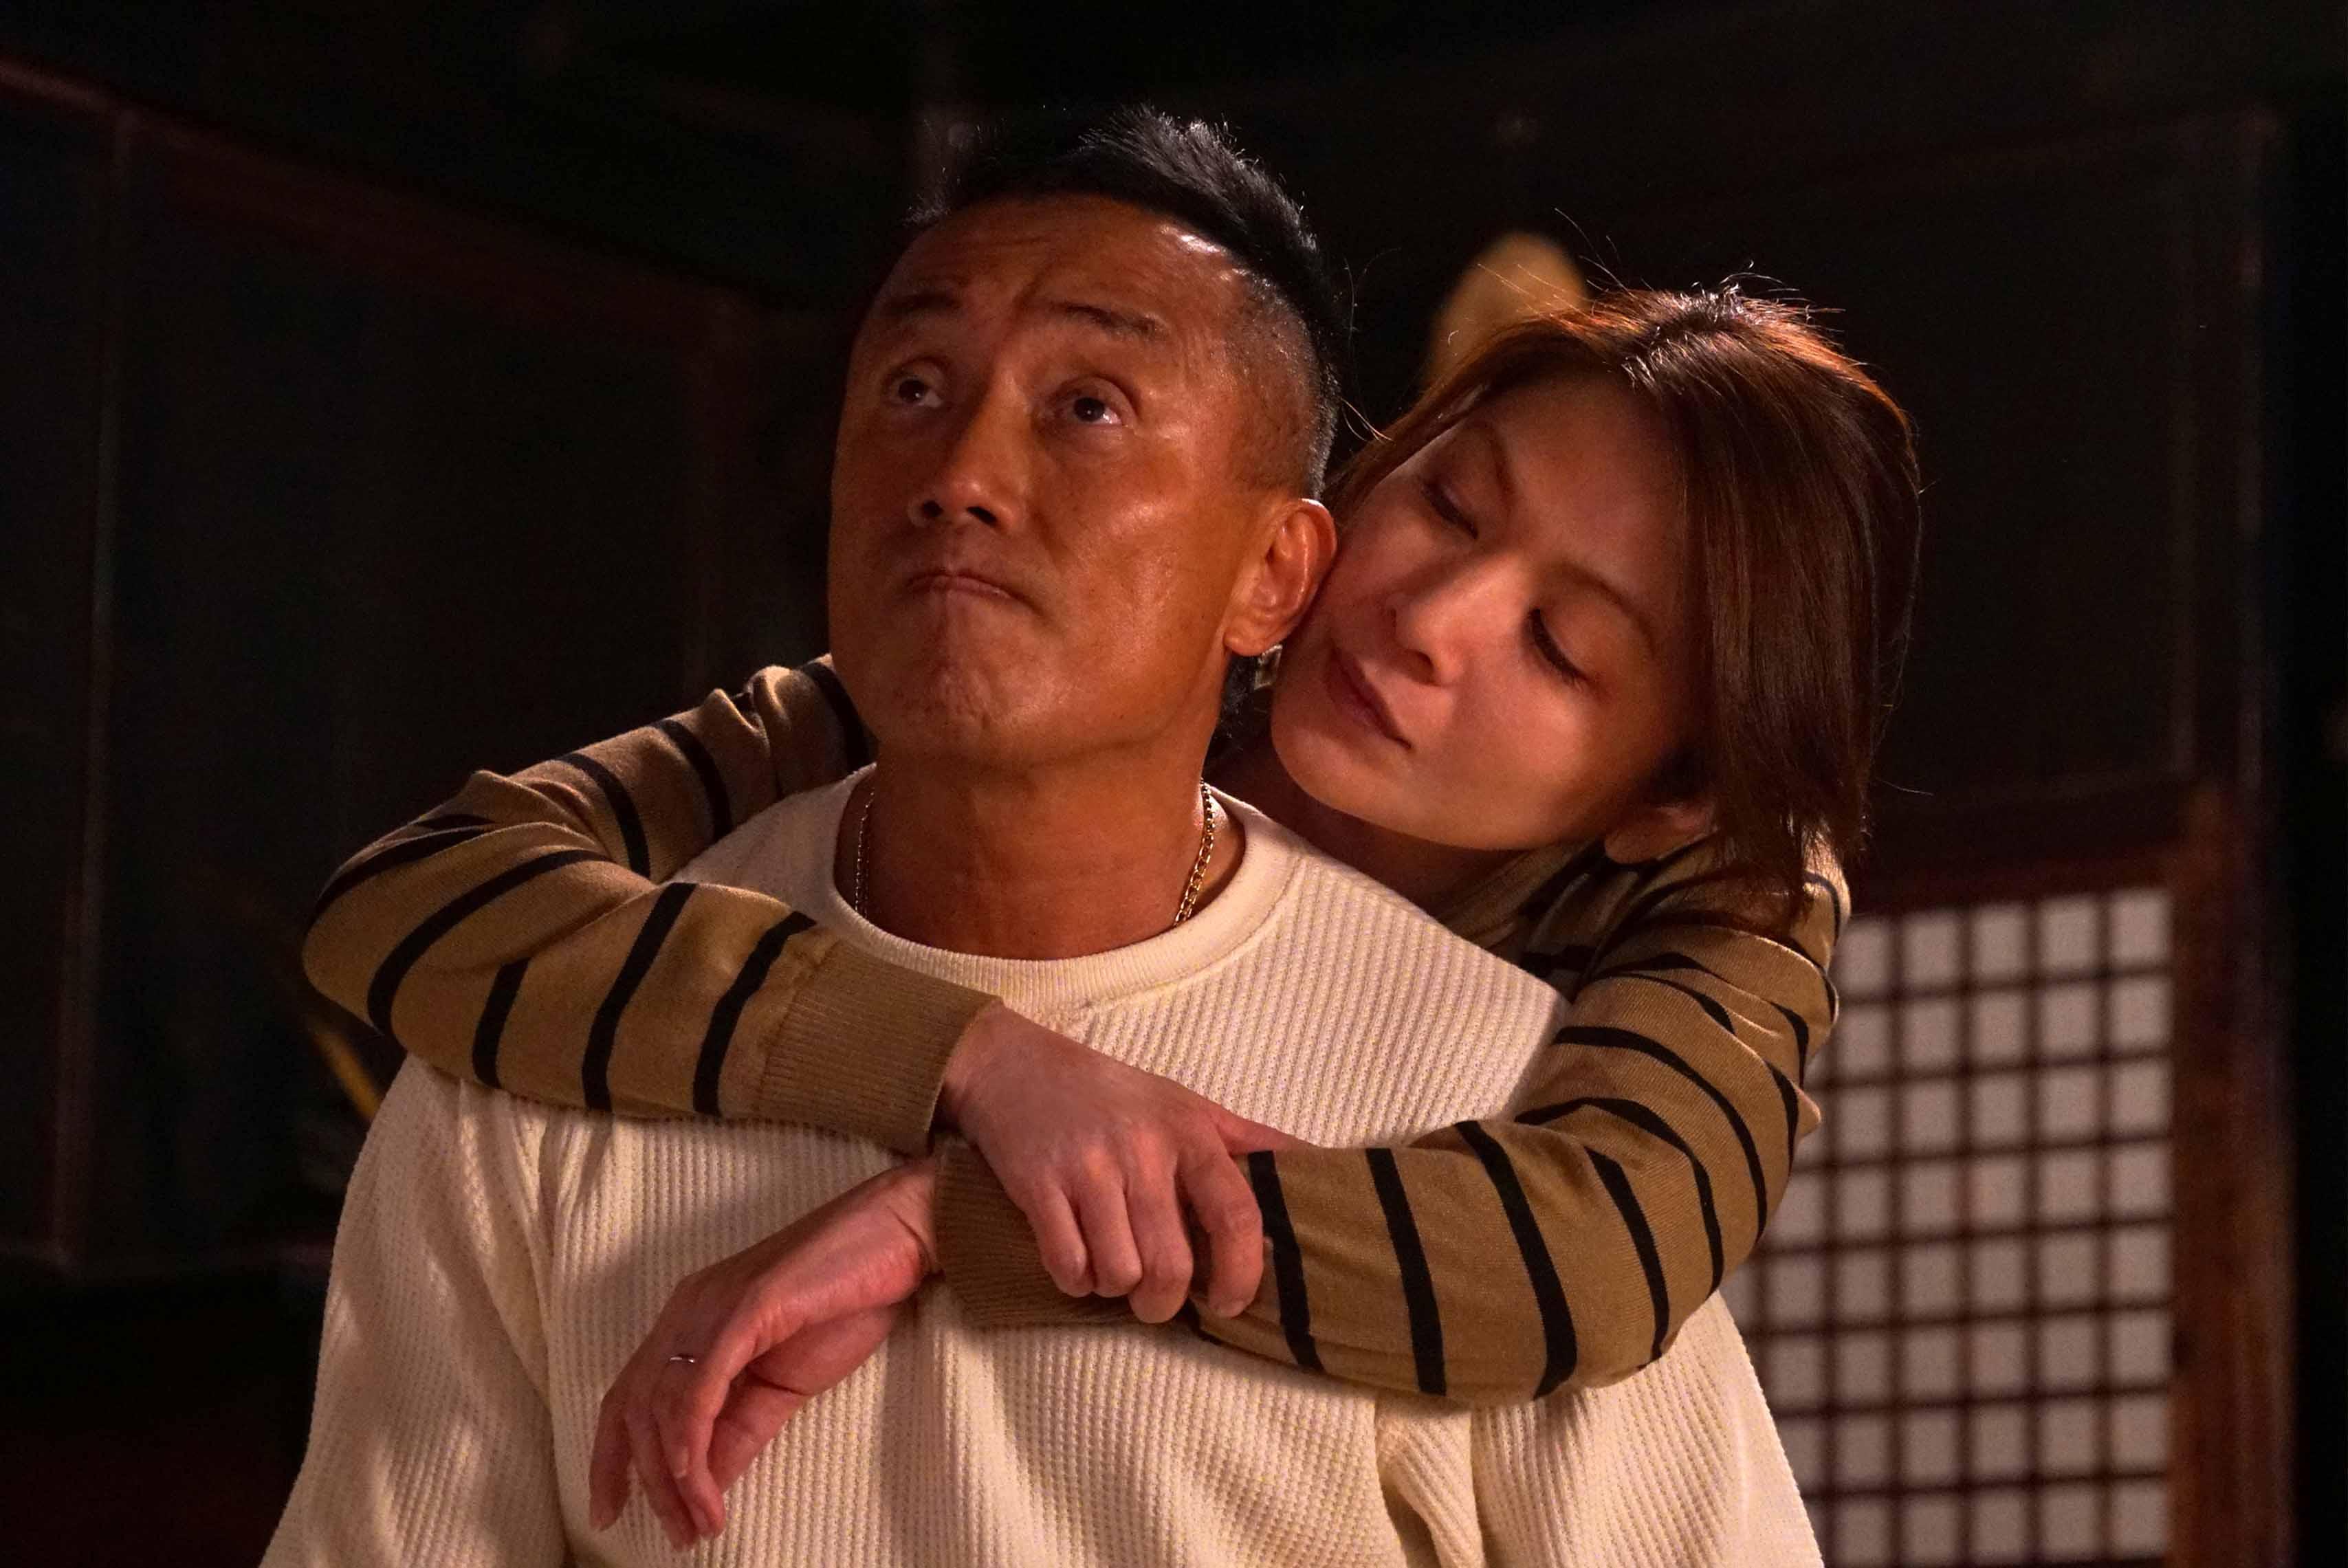 戲外,劇組之間也有著溫暖緊密的氛圍,在拍攝現場長渕剛(前)會以「直醬」稱呼飯島直子(後)